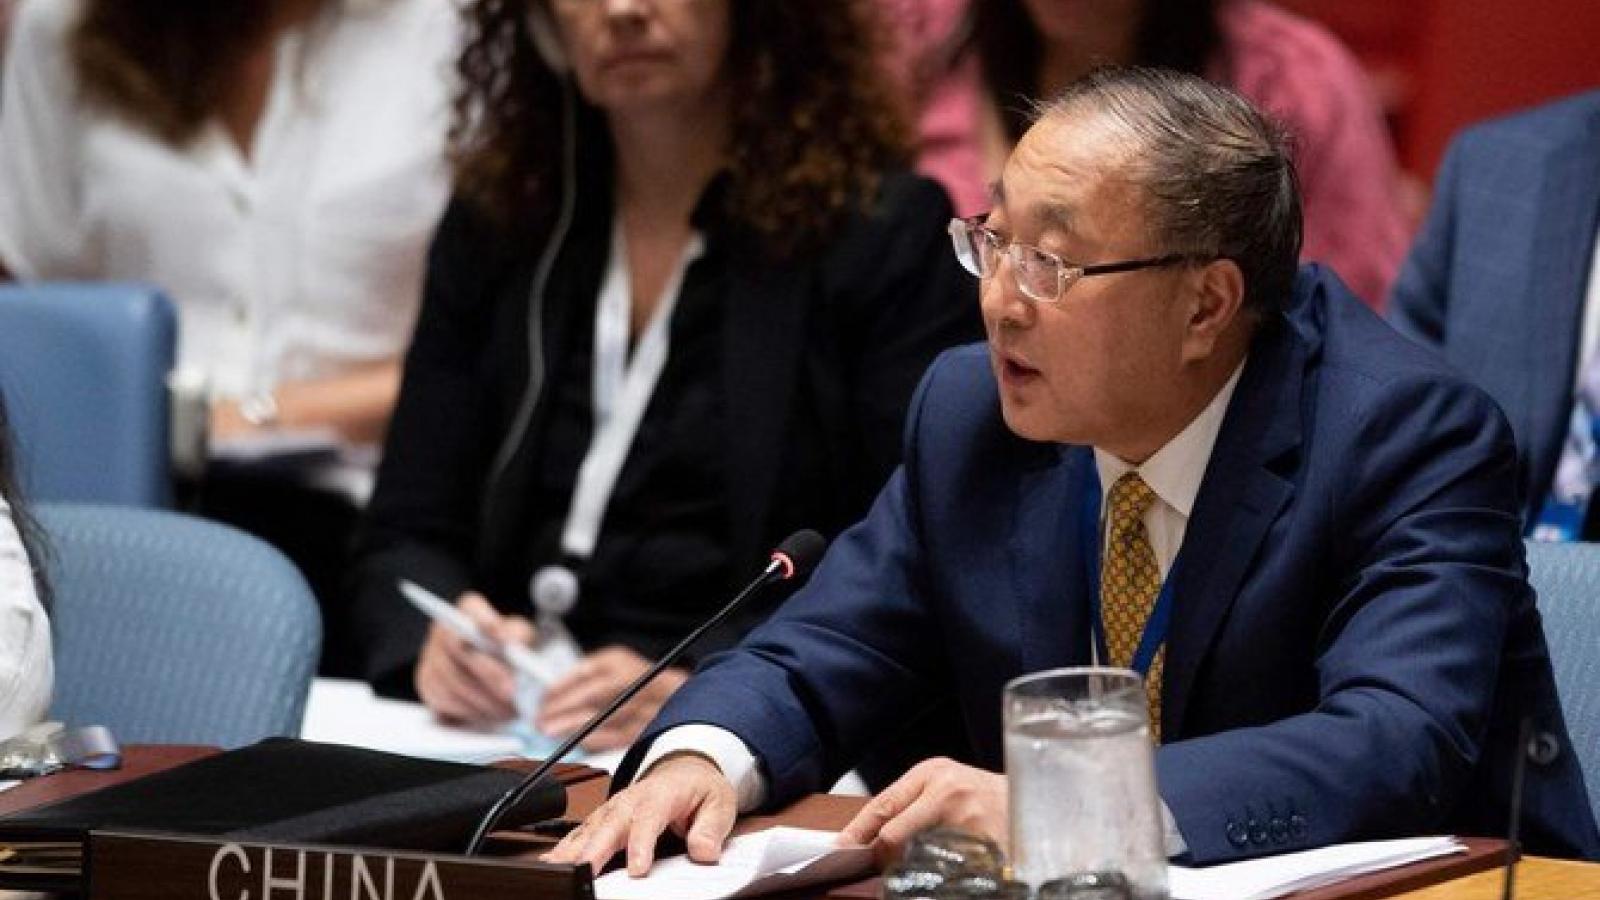 Trung Quốc ủng hộ chuyển đổi dân chủ ở Myanmar nhưng phản đối trừng phạt